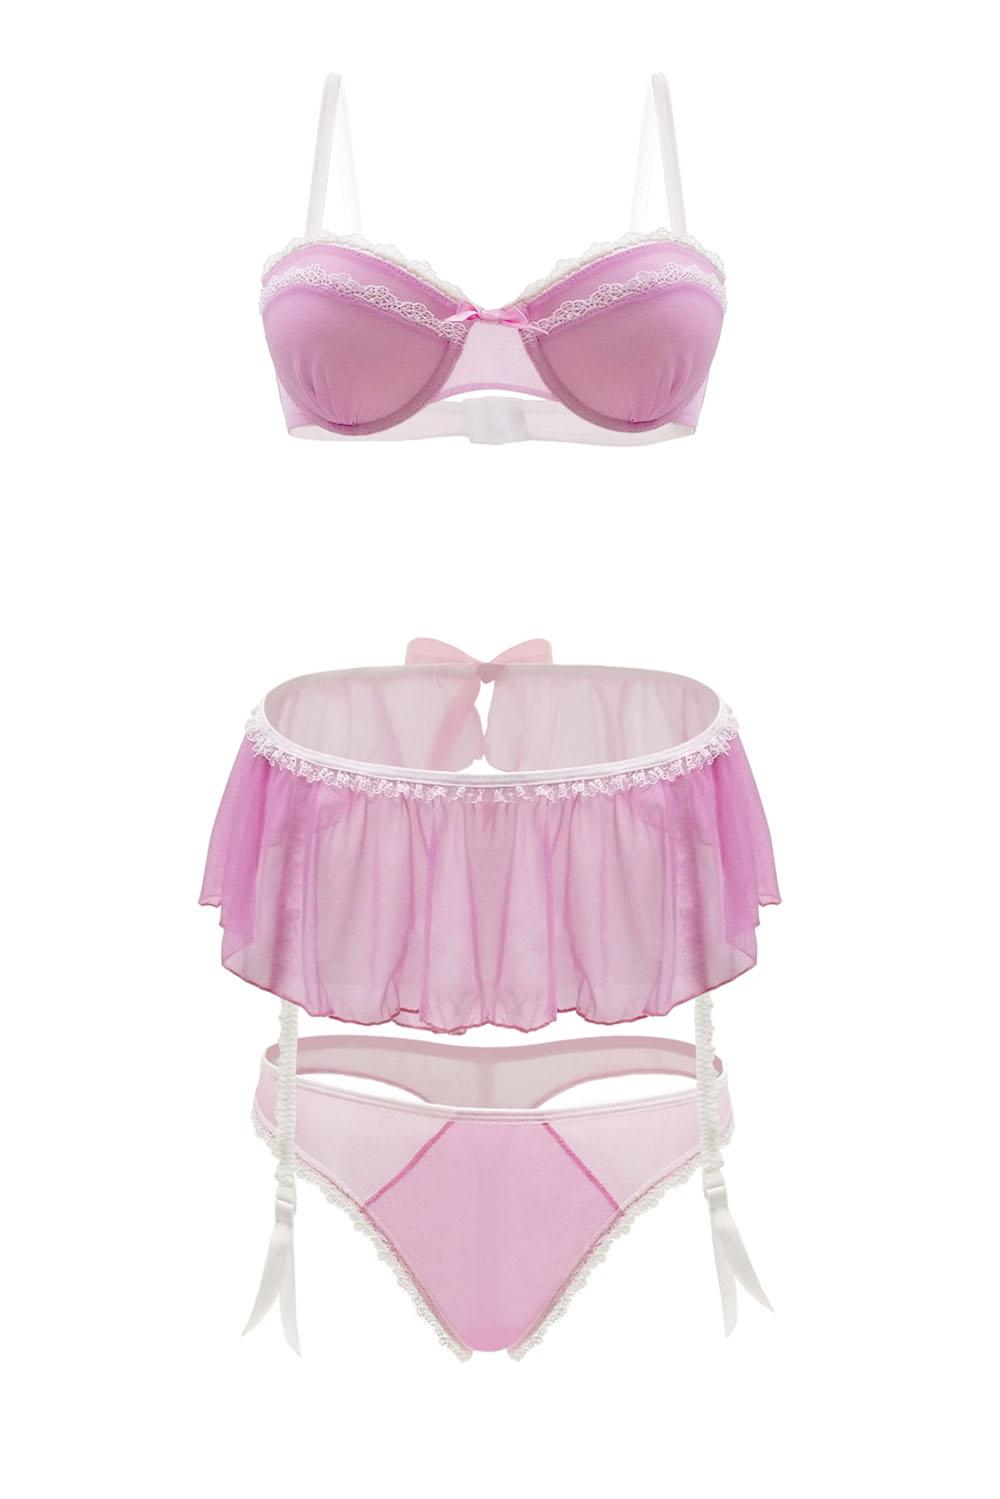 Pink Lady 3 Piece Set - Strawberry Cream - 3x4x